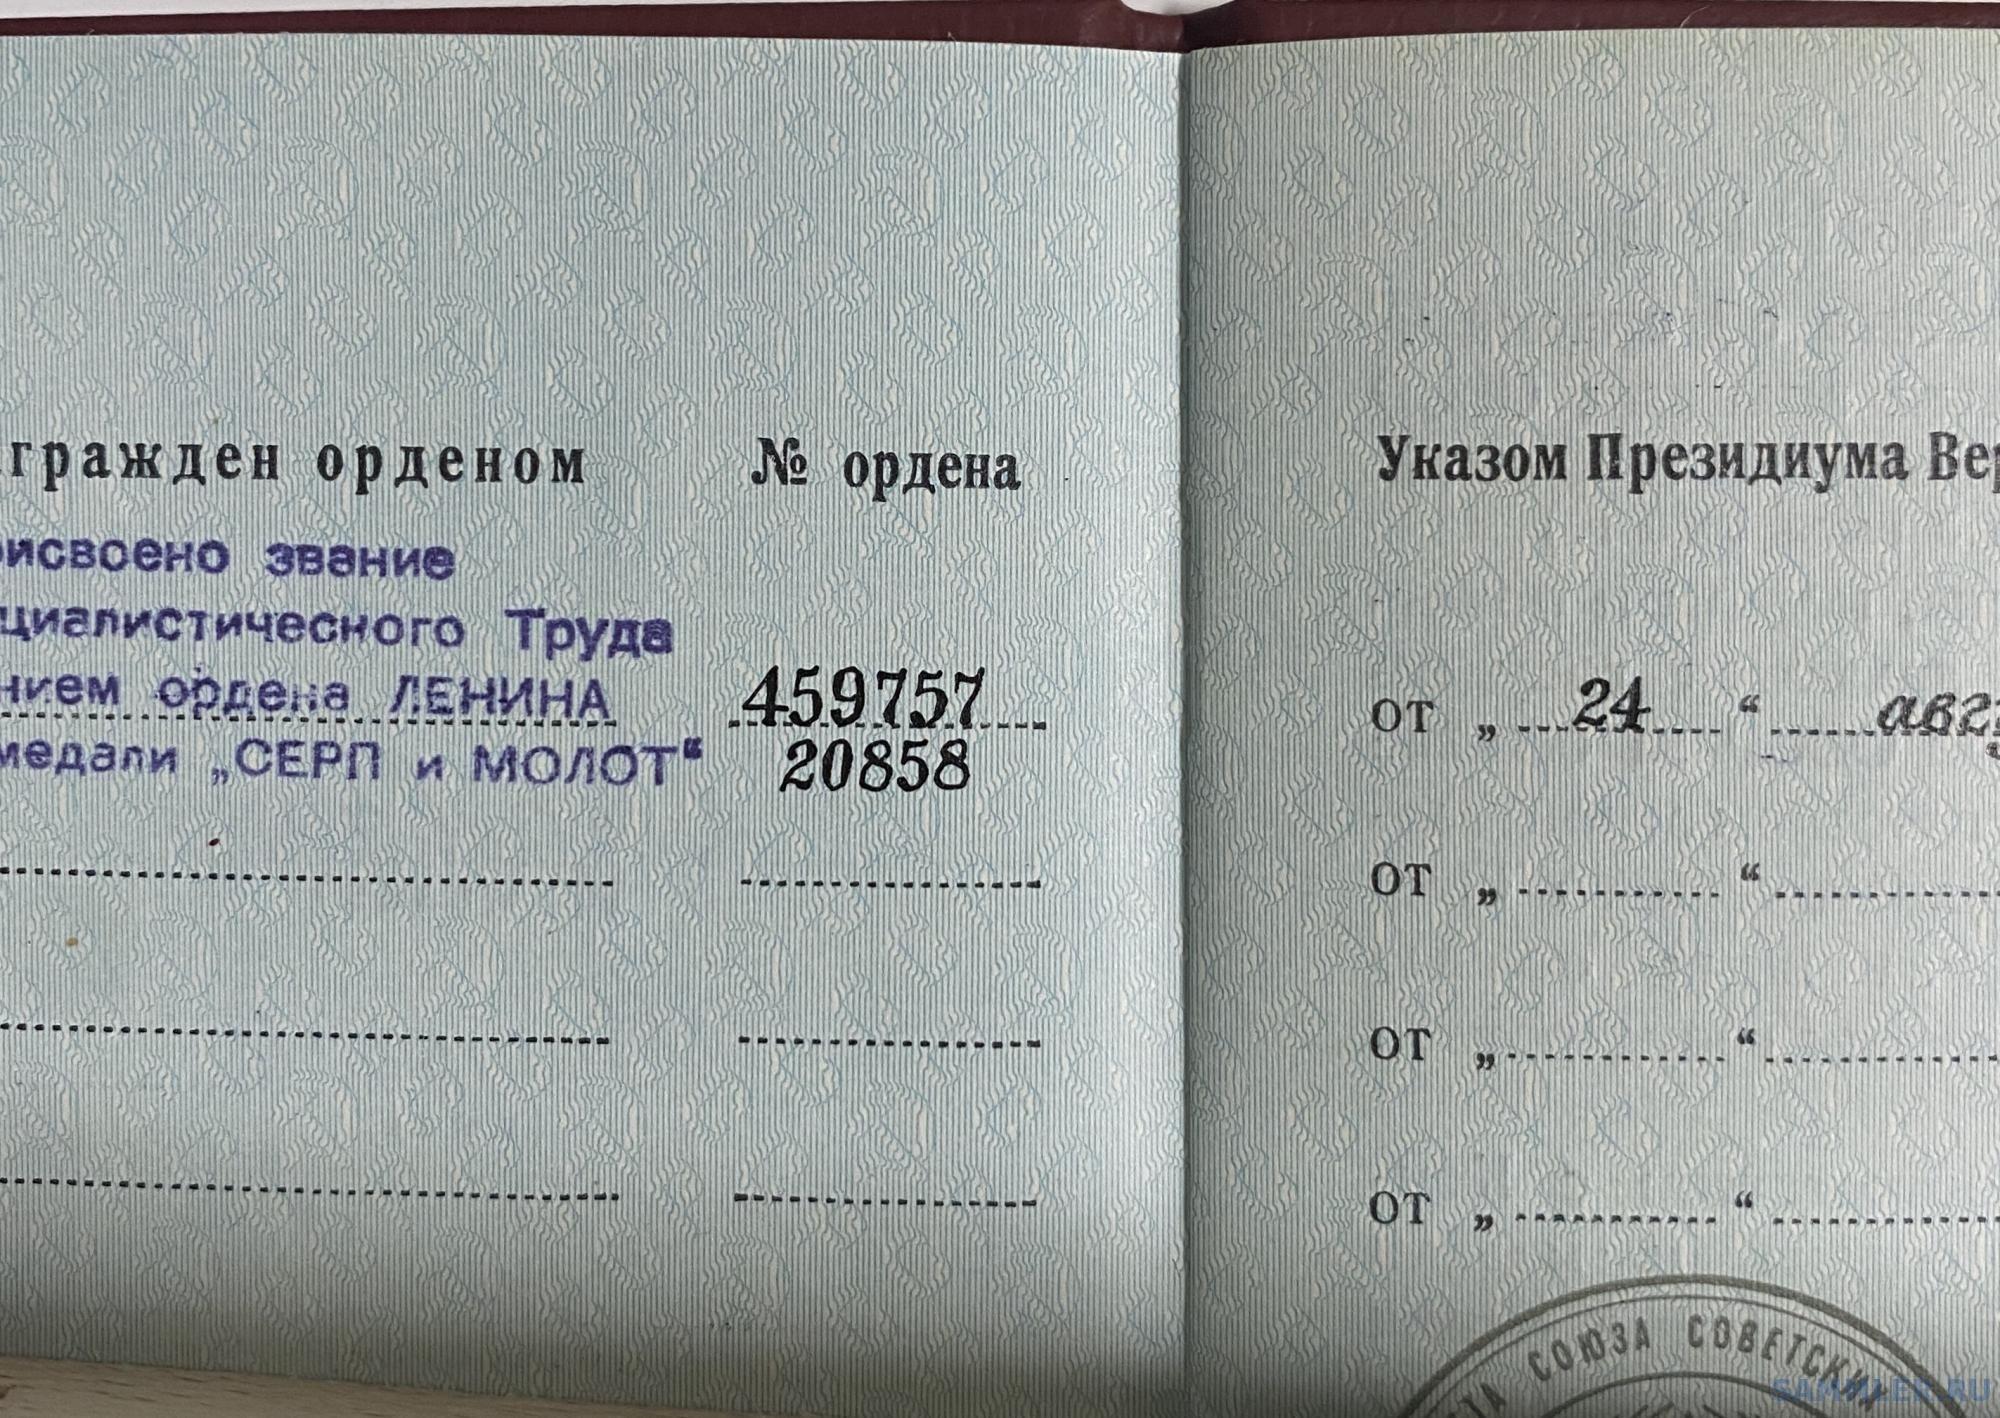 1928B990-A298-4A2A-B042-73C5AD9A591D.jpeg